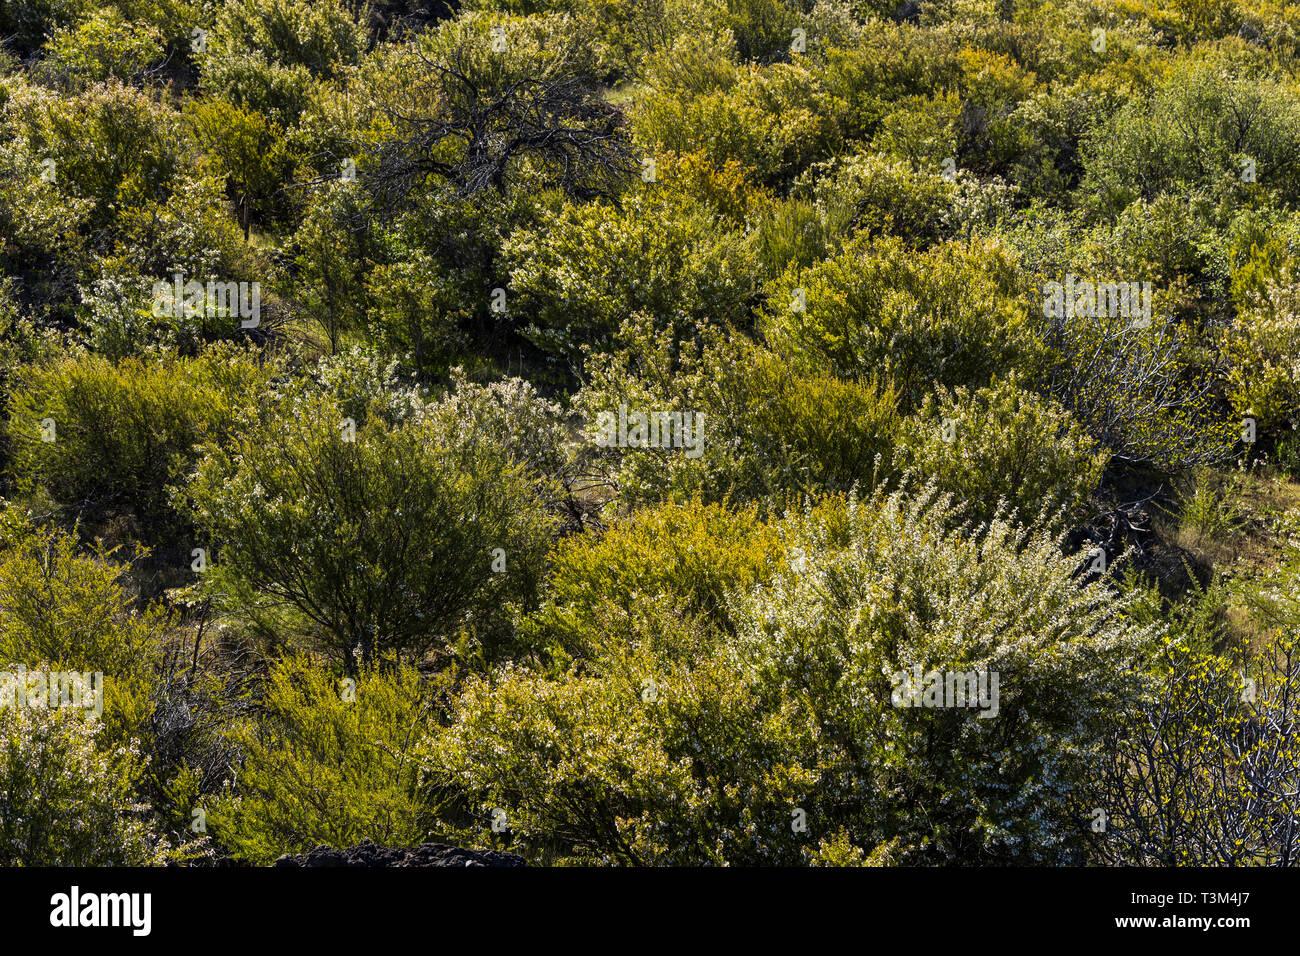 Dichter Wuchs mit Retama raetum, Mandelbäumen, in der Nähe von Arguayo, Santiago del Teide, Teneriffa, Kanarische Inseln, Spanien Stockbild